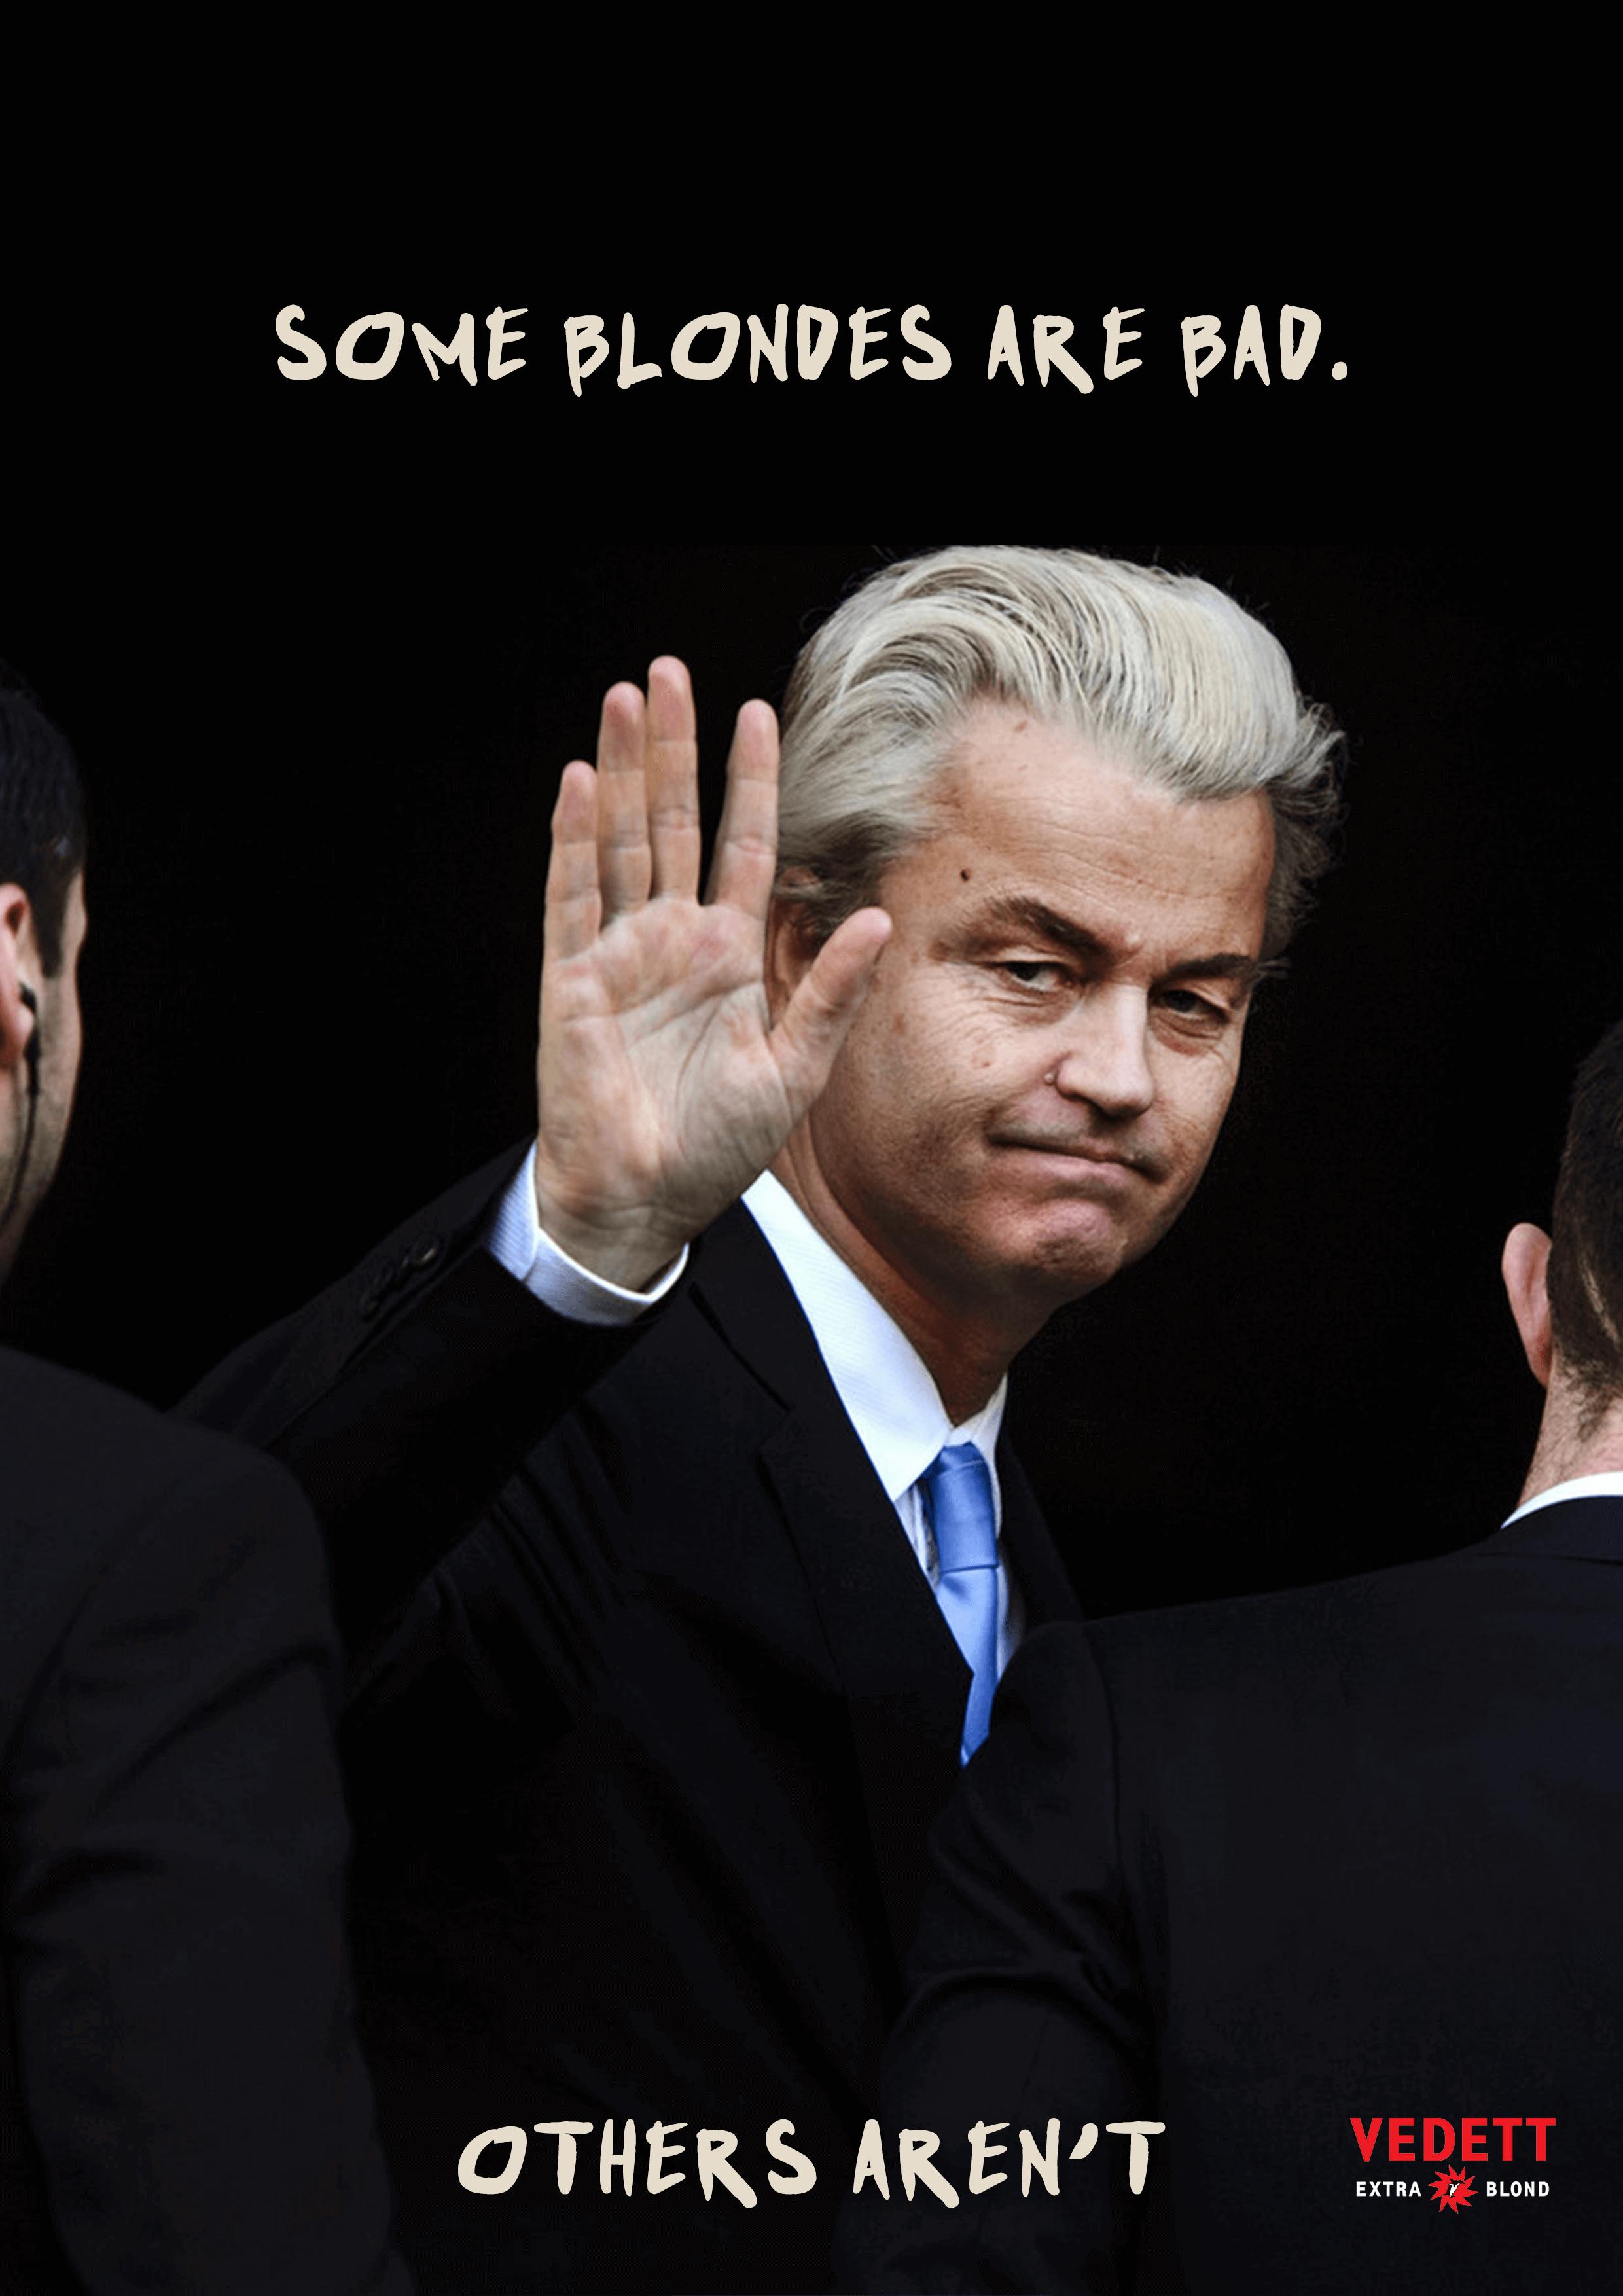 Blonde Geert Wilders